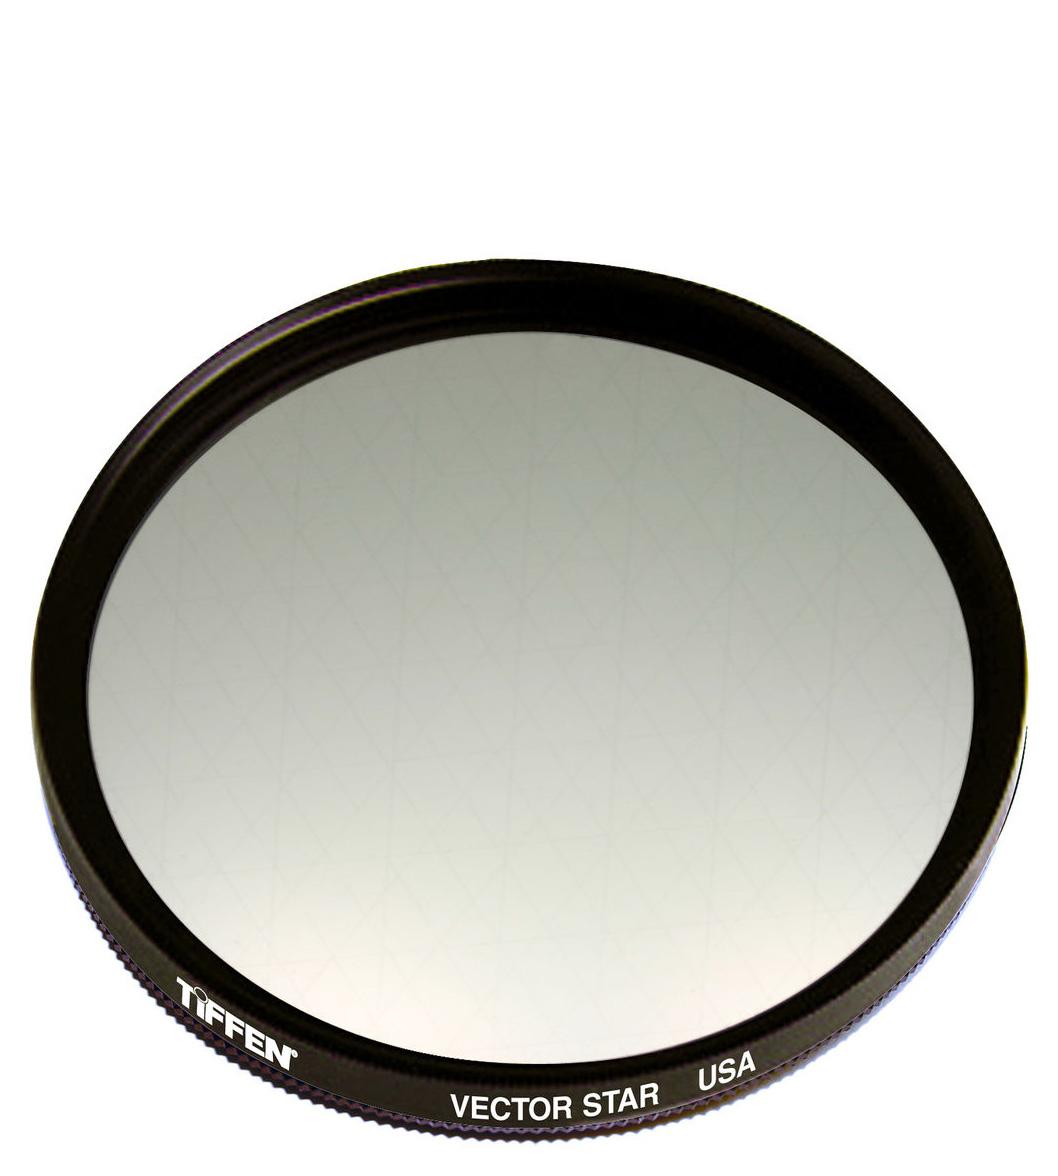 Filtro de lente Tiffen - Vector Star - 82mm